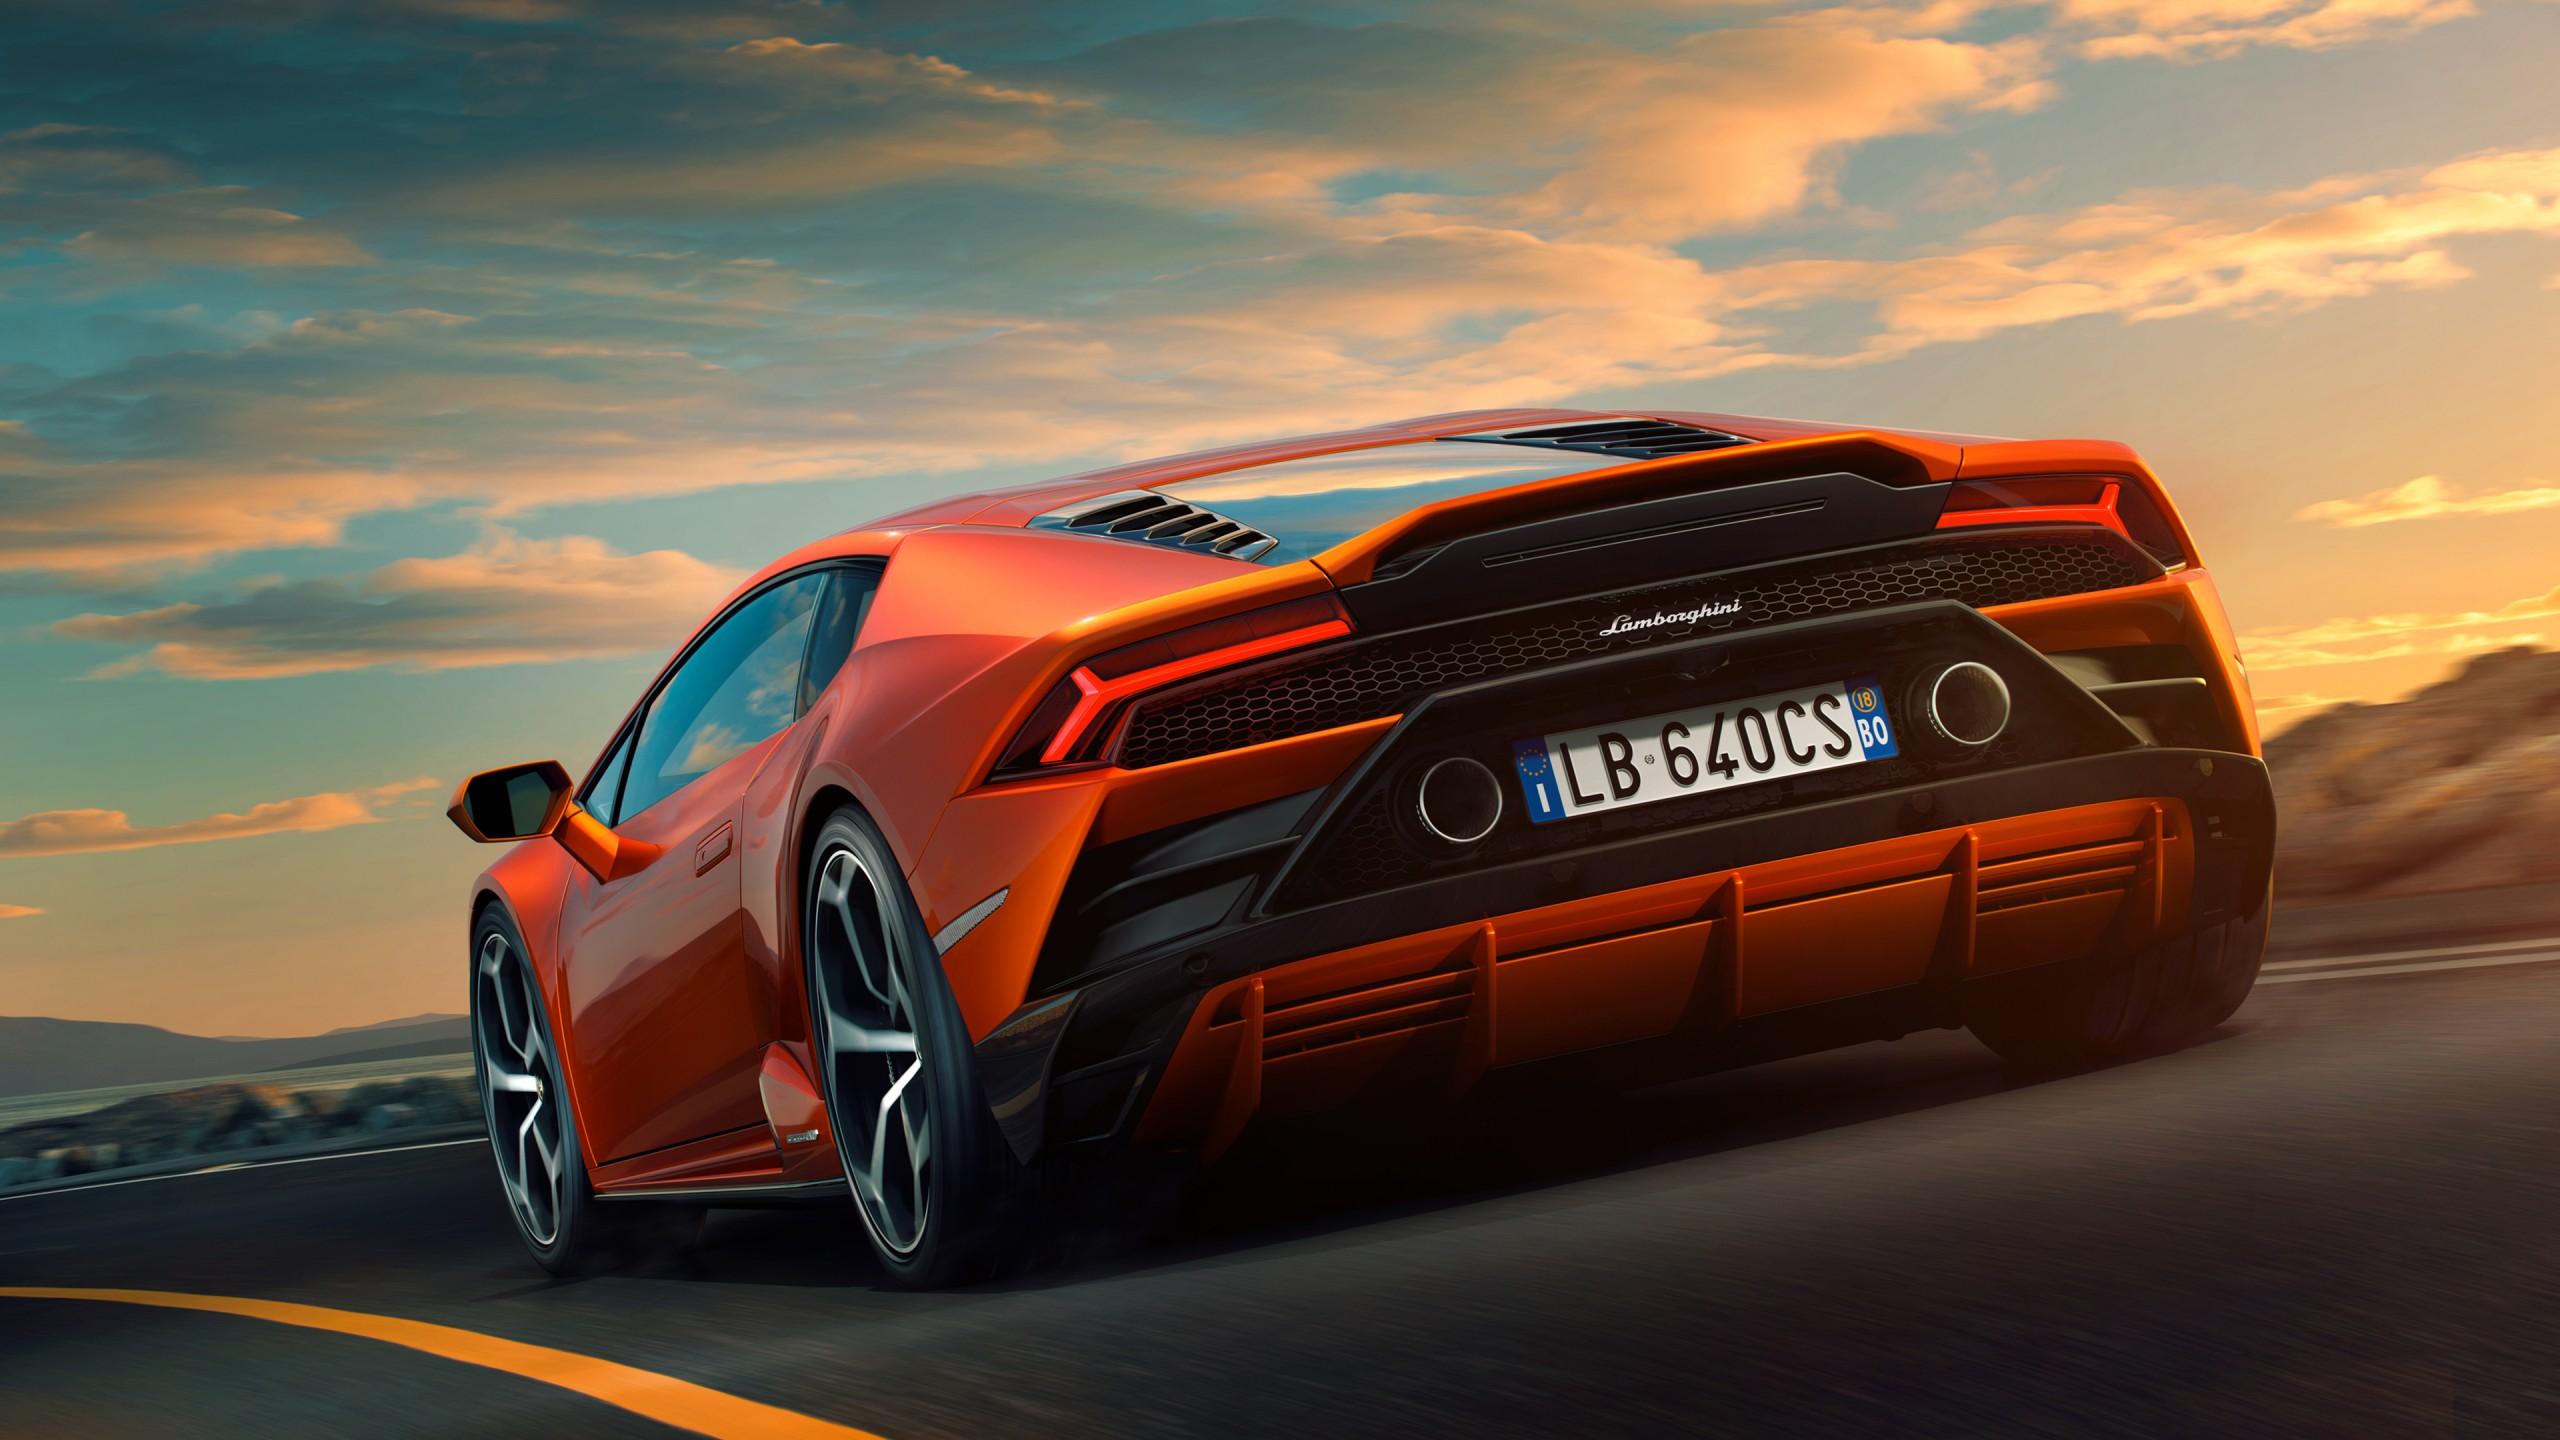 Lamborghini Huracan EVO 2019 4K 5 Wallpaper | HD Car ...